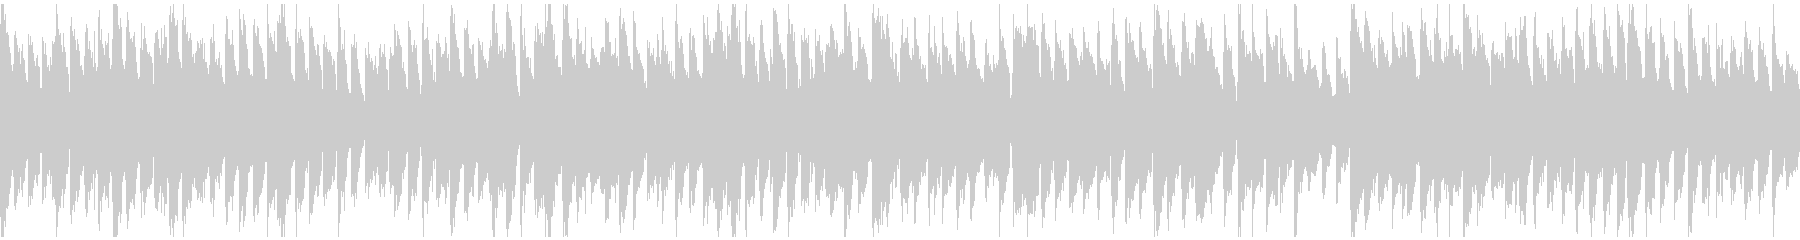 ファンタジー感のあるリコーダー※ループ版の未再生の波形